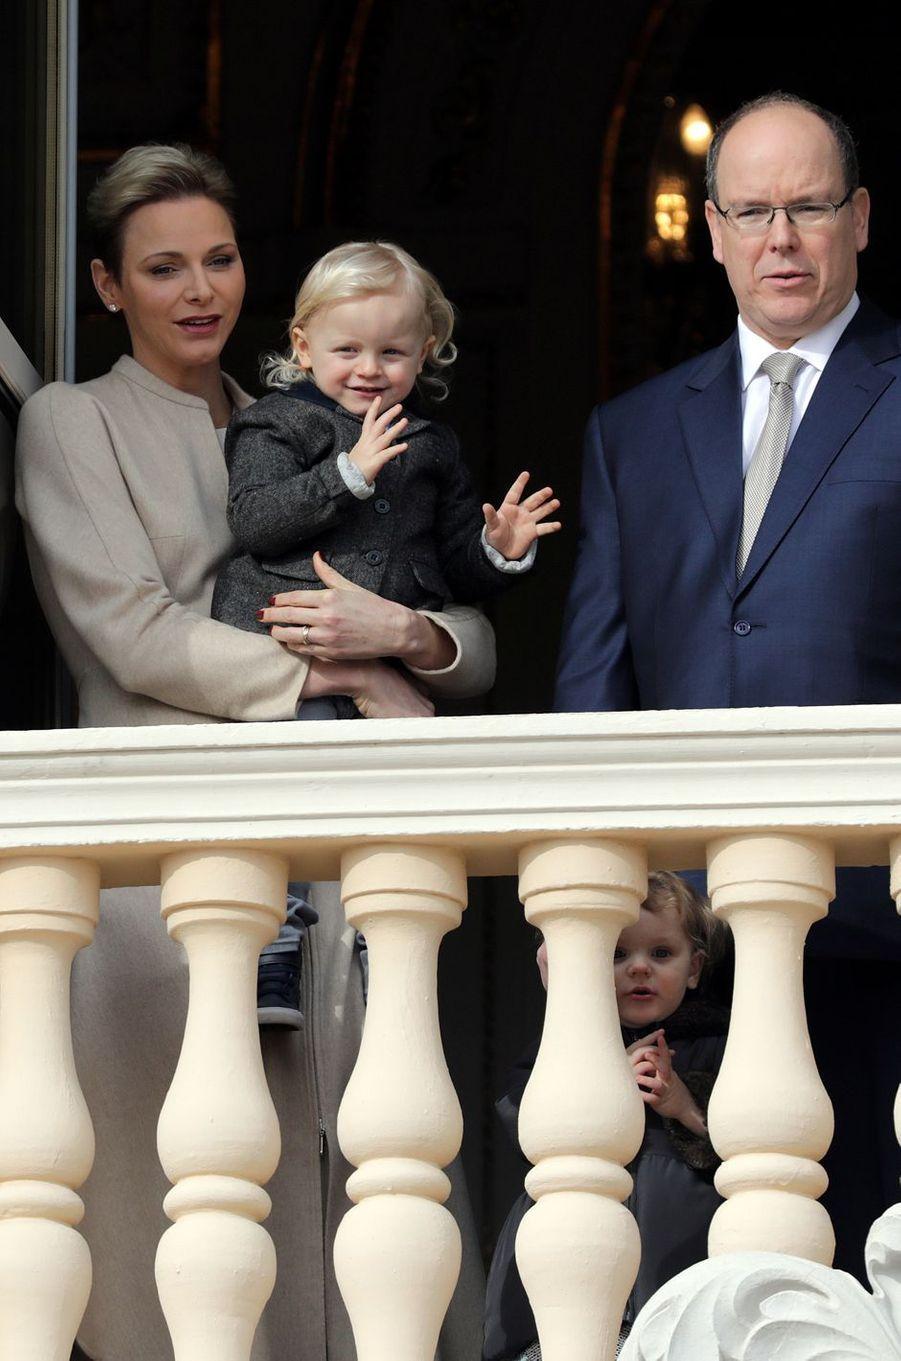 Jacques et Gabriella au balcon avec Charlène et Albert II de Monaco